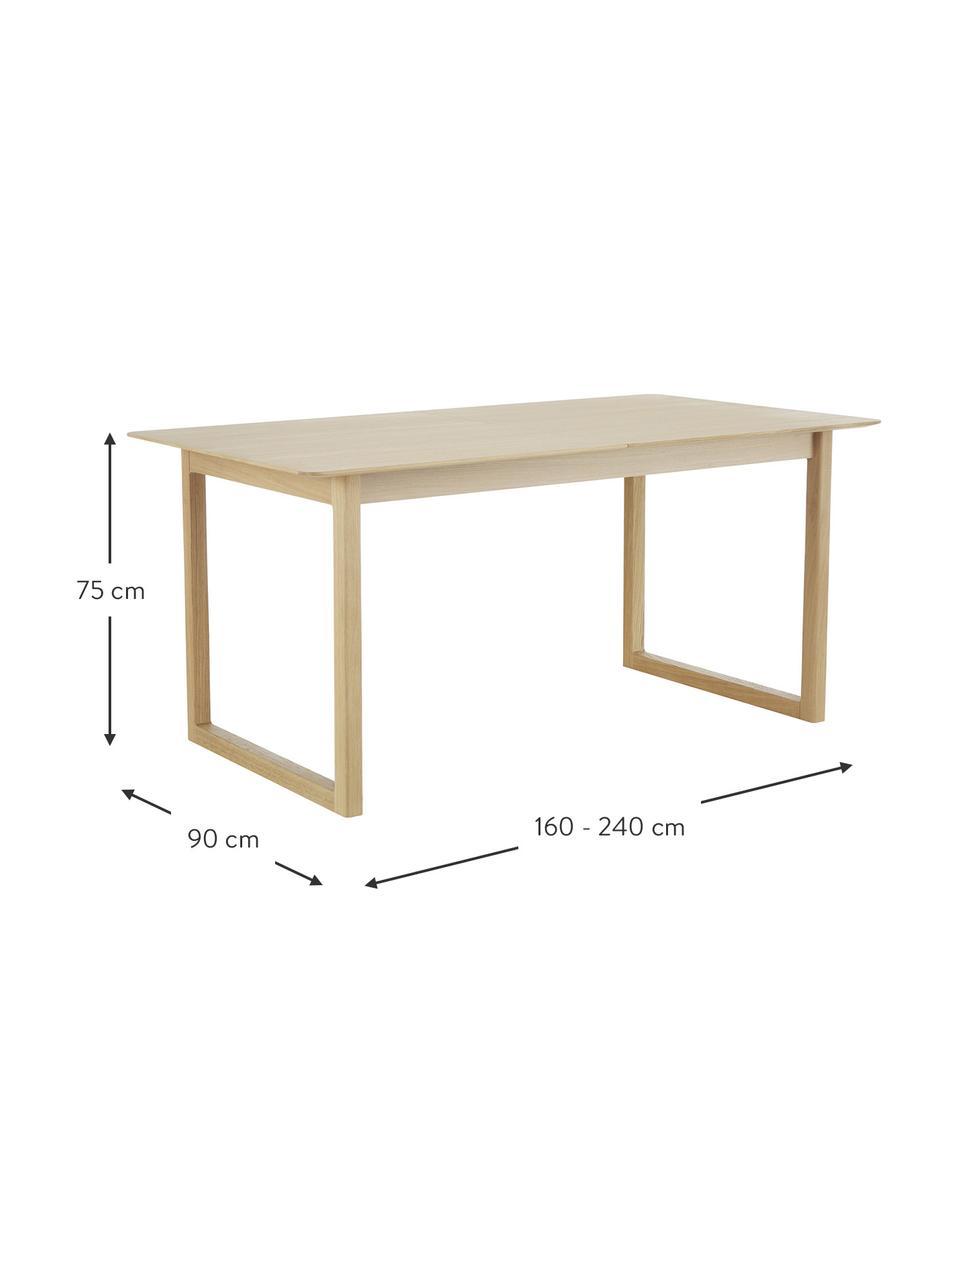 Stół rozsuwany do jadalni  Calla, Blat: płyta pilśniowa średniej , Nogi: lite drewno dębowe, Jasne drewno naturalne, S 160 - 240 x G 90 cm